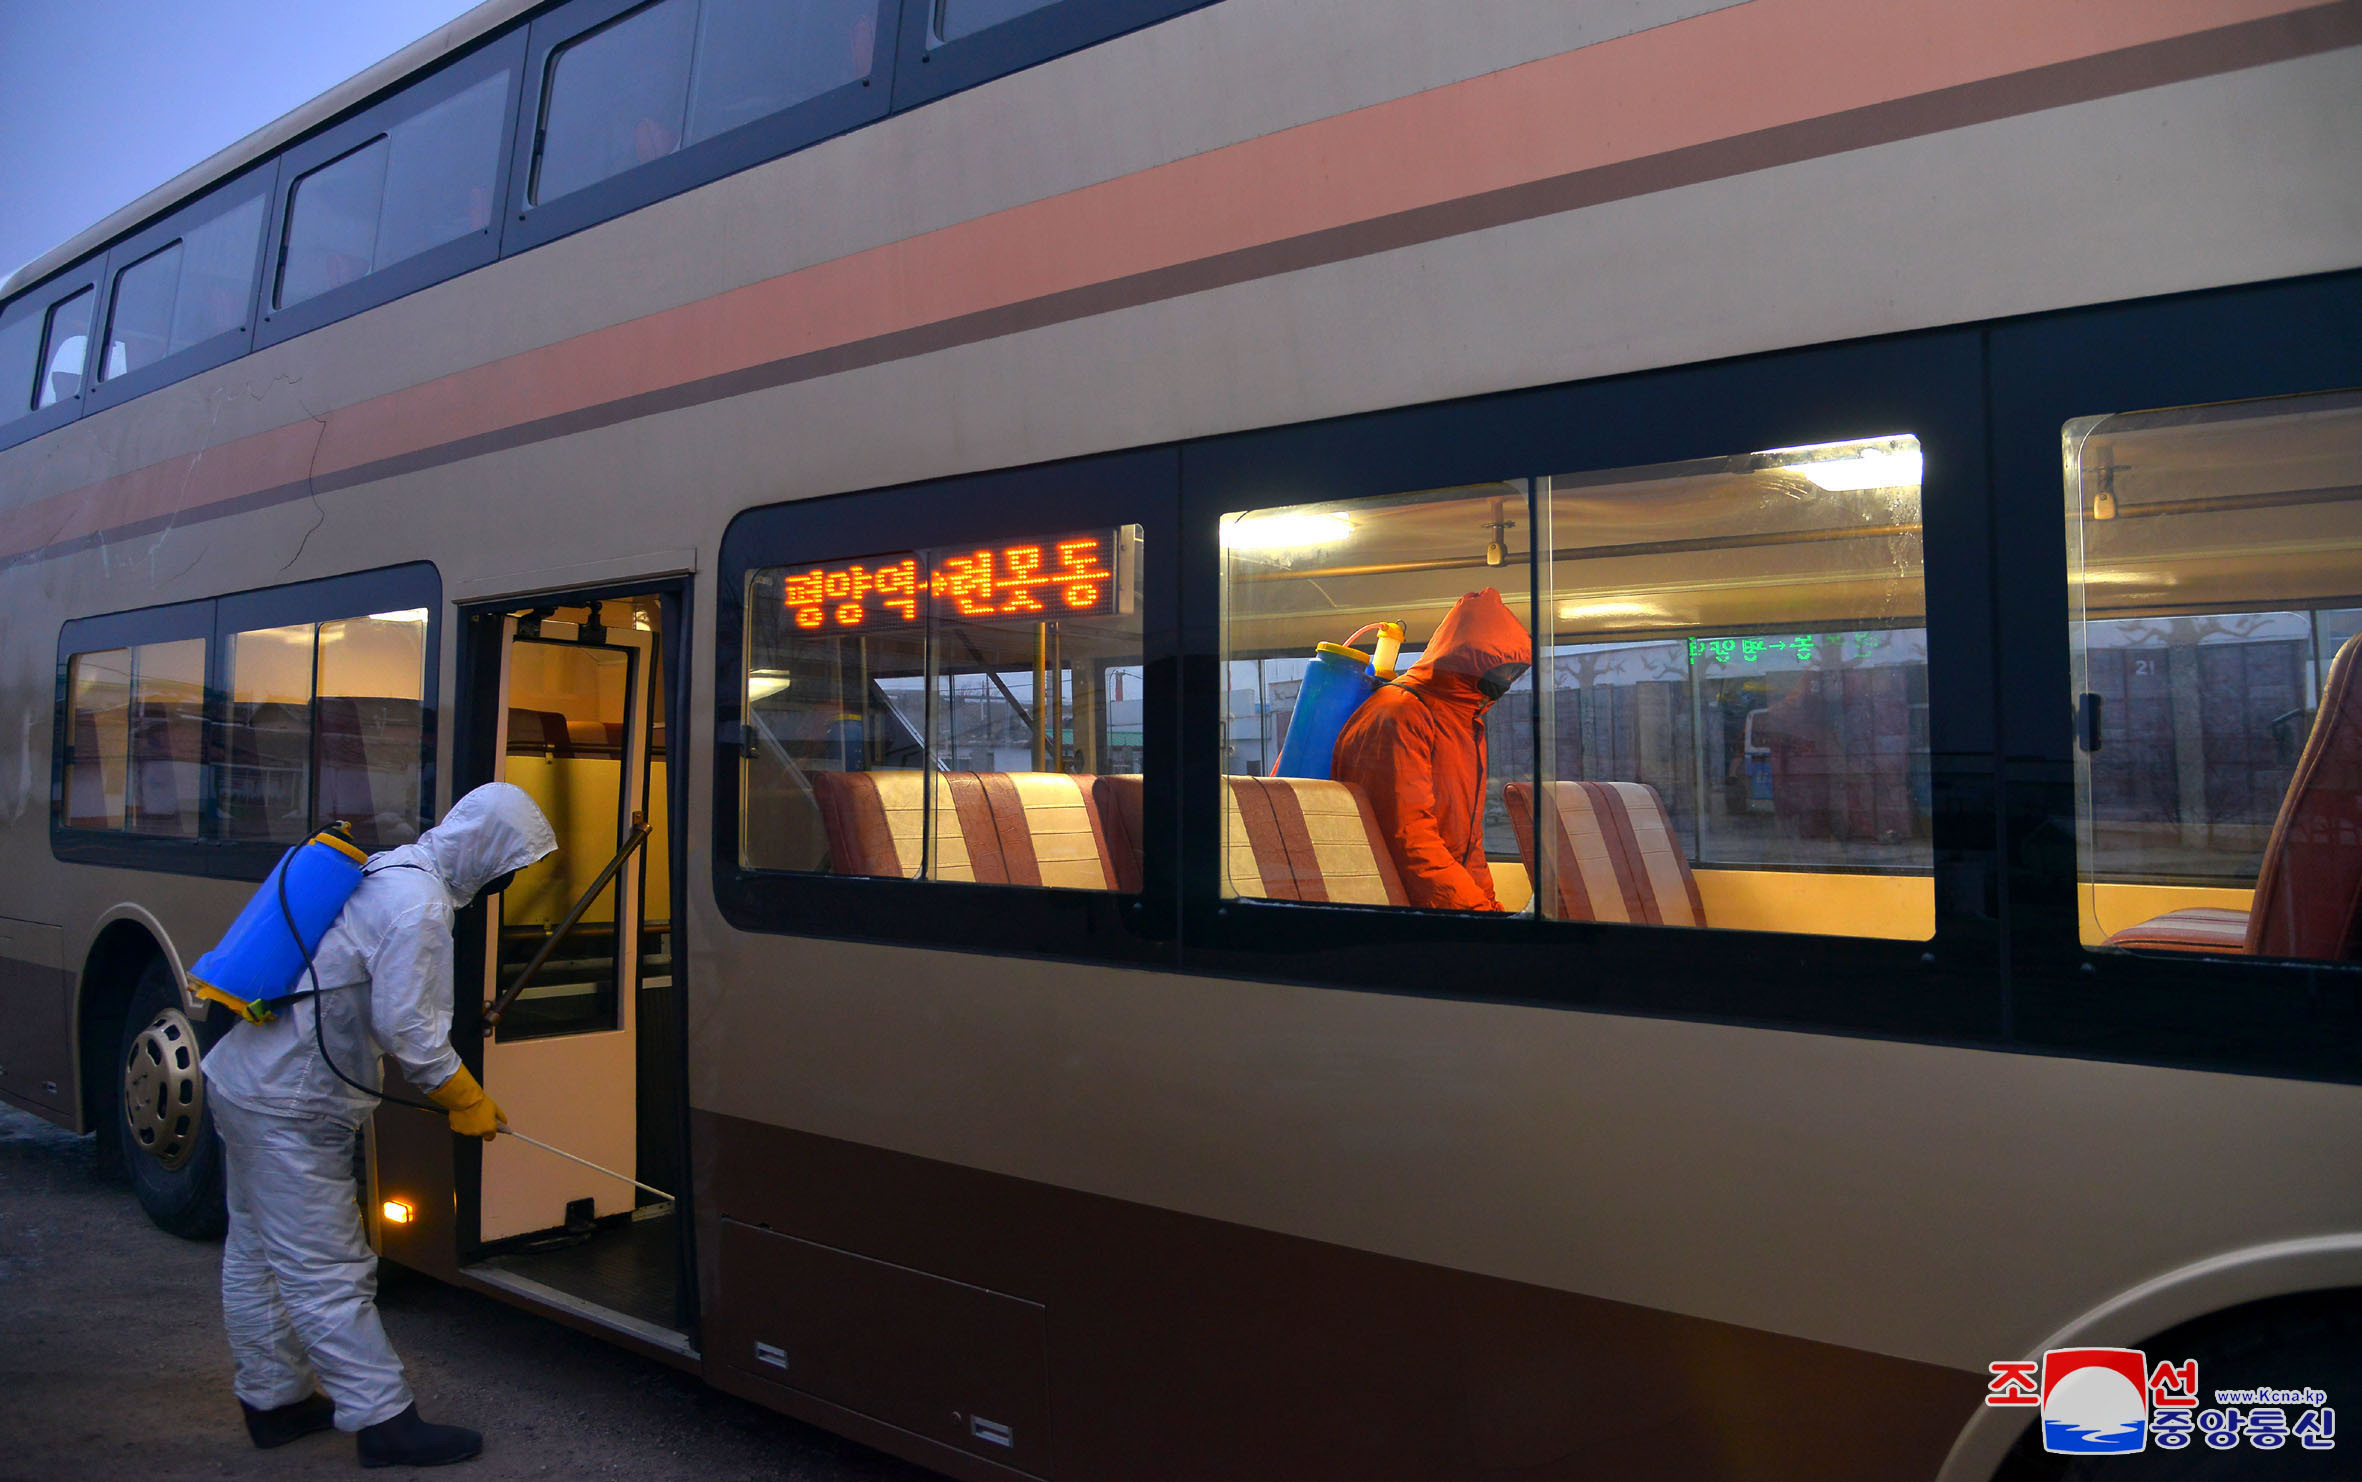 ▲▼北韓牡丹峰公車事業所派遣人員對公車內外進行消毒工作。(圖/達志影像)